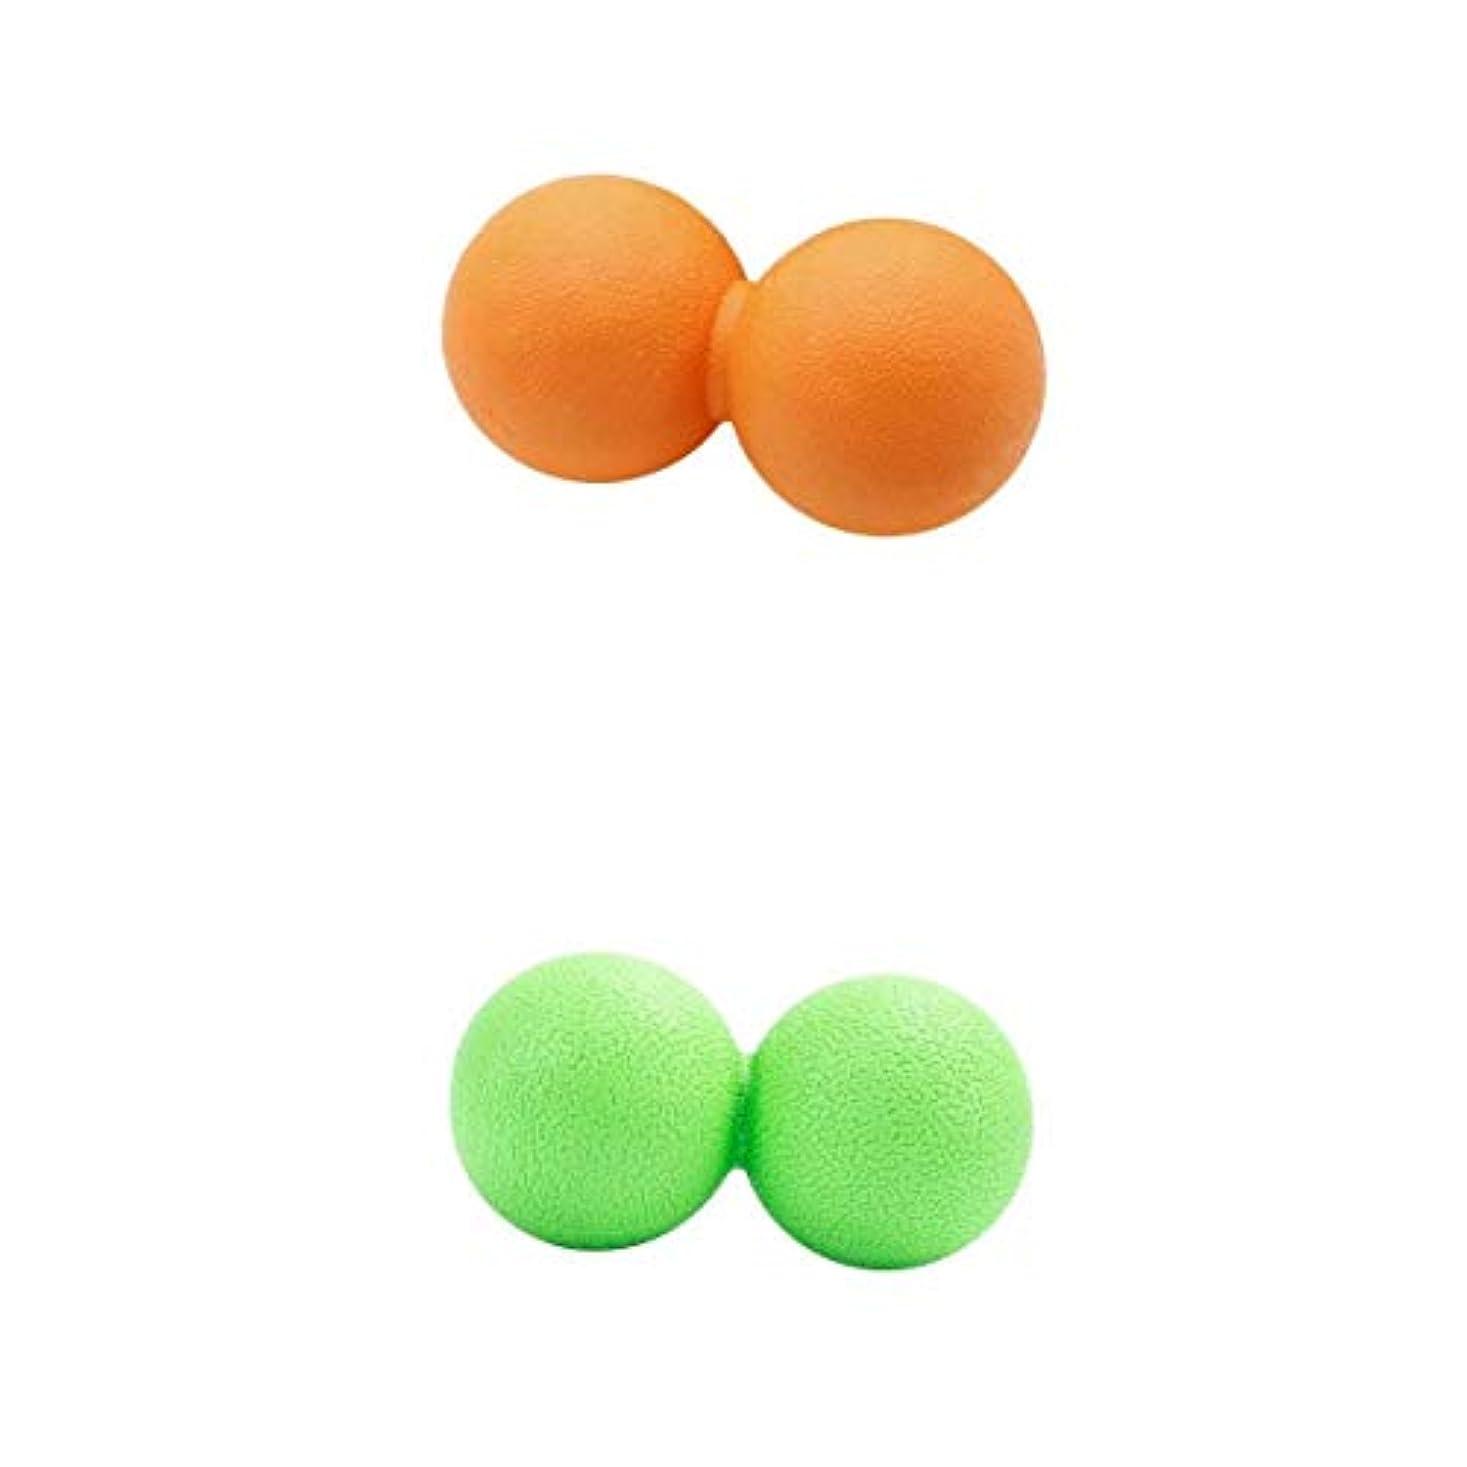 ケイ素玉賛美歌マッサージボール ピーナッツ型 筋膜リリース トリガーポイント ツボ押しグッズ 2個入